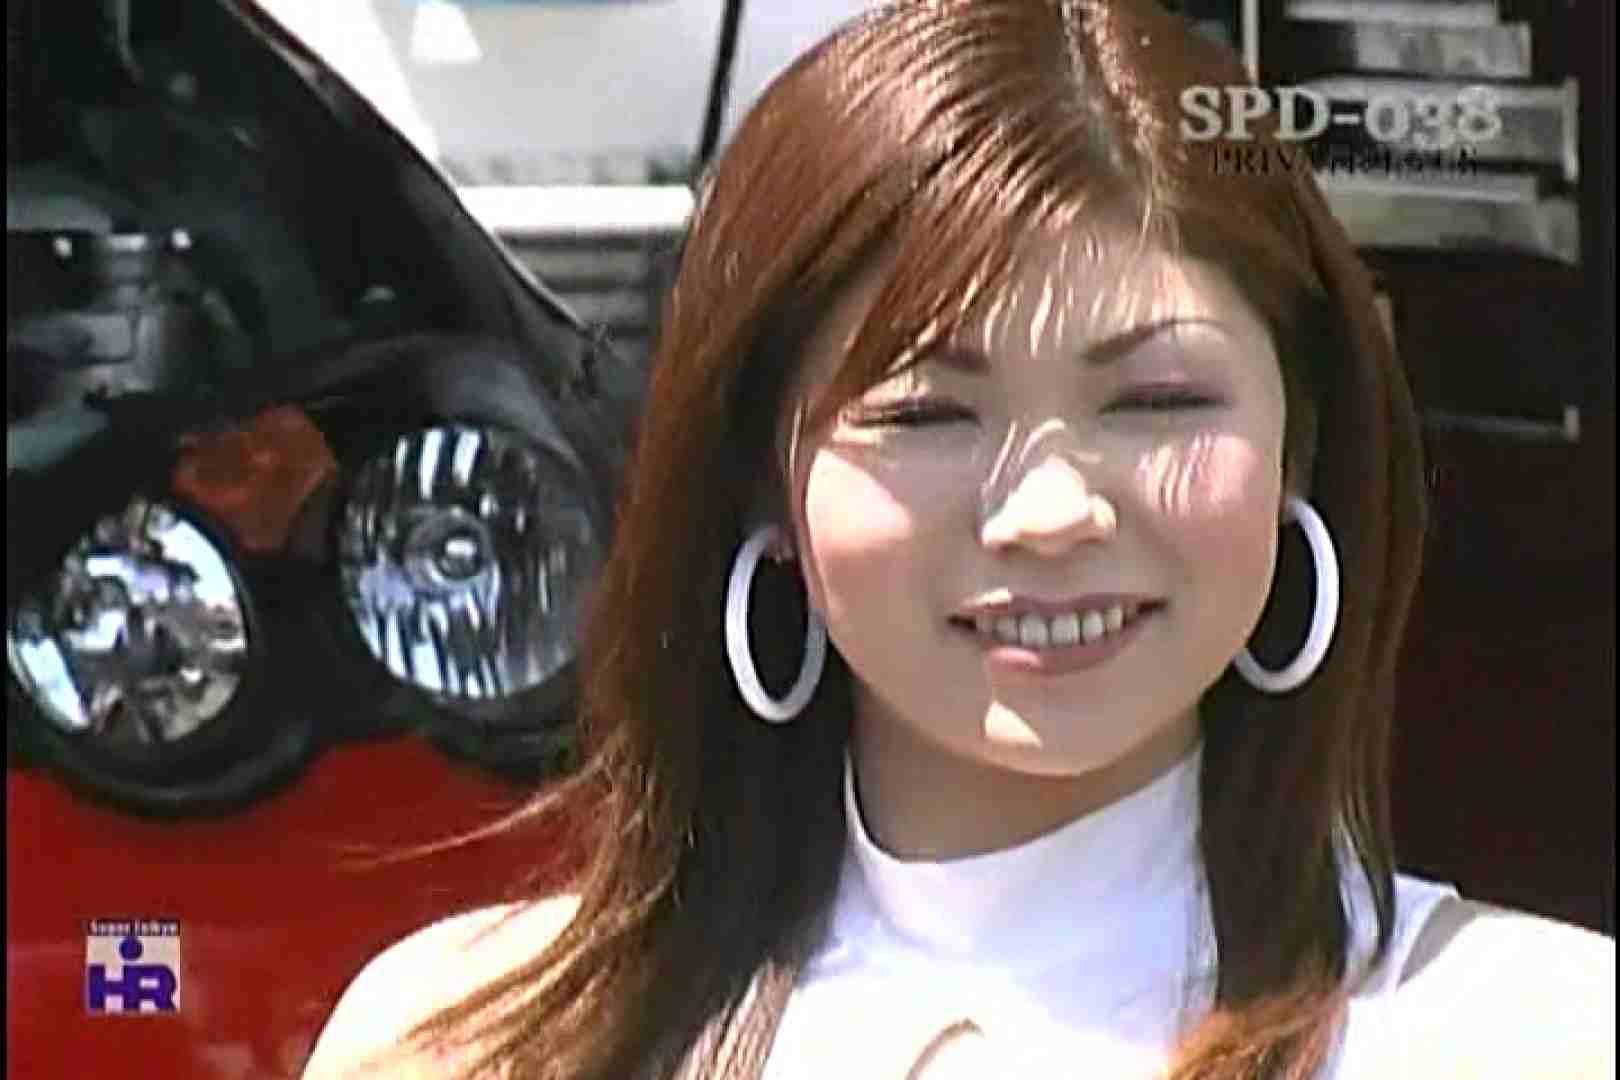 高画質版!SPD-038 サーキットの女神達 仙台ハイランドレースウェイ 高画質 | プライベート  82画像 22